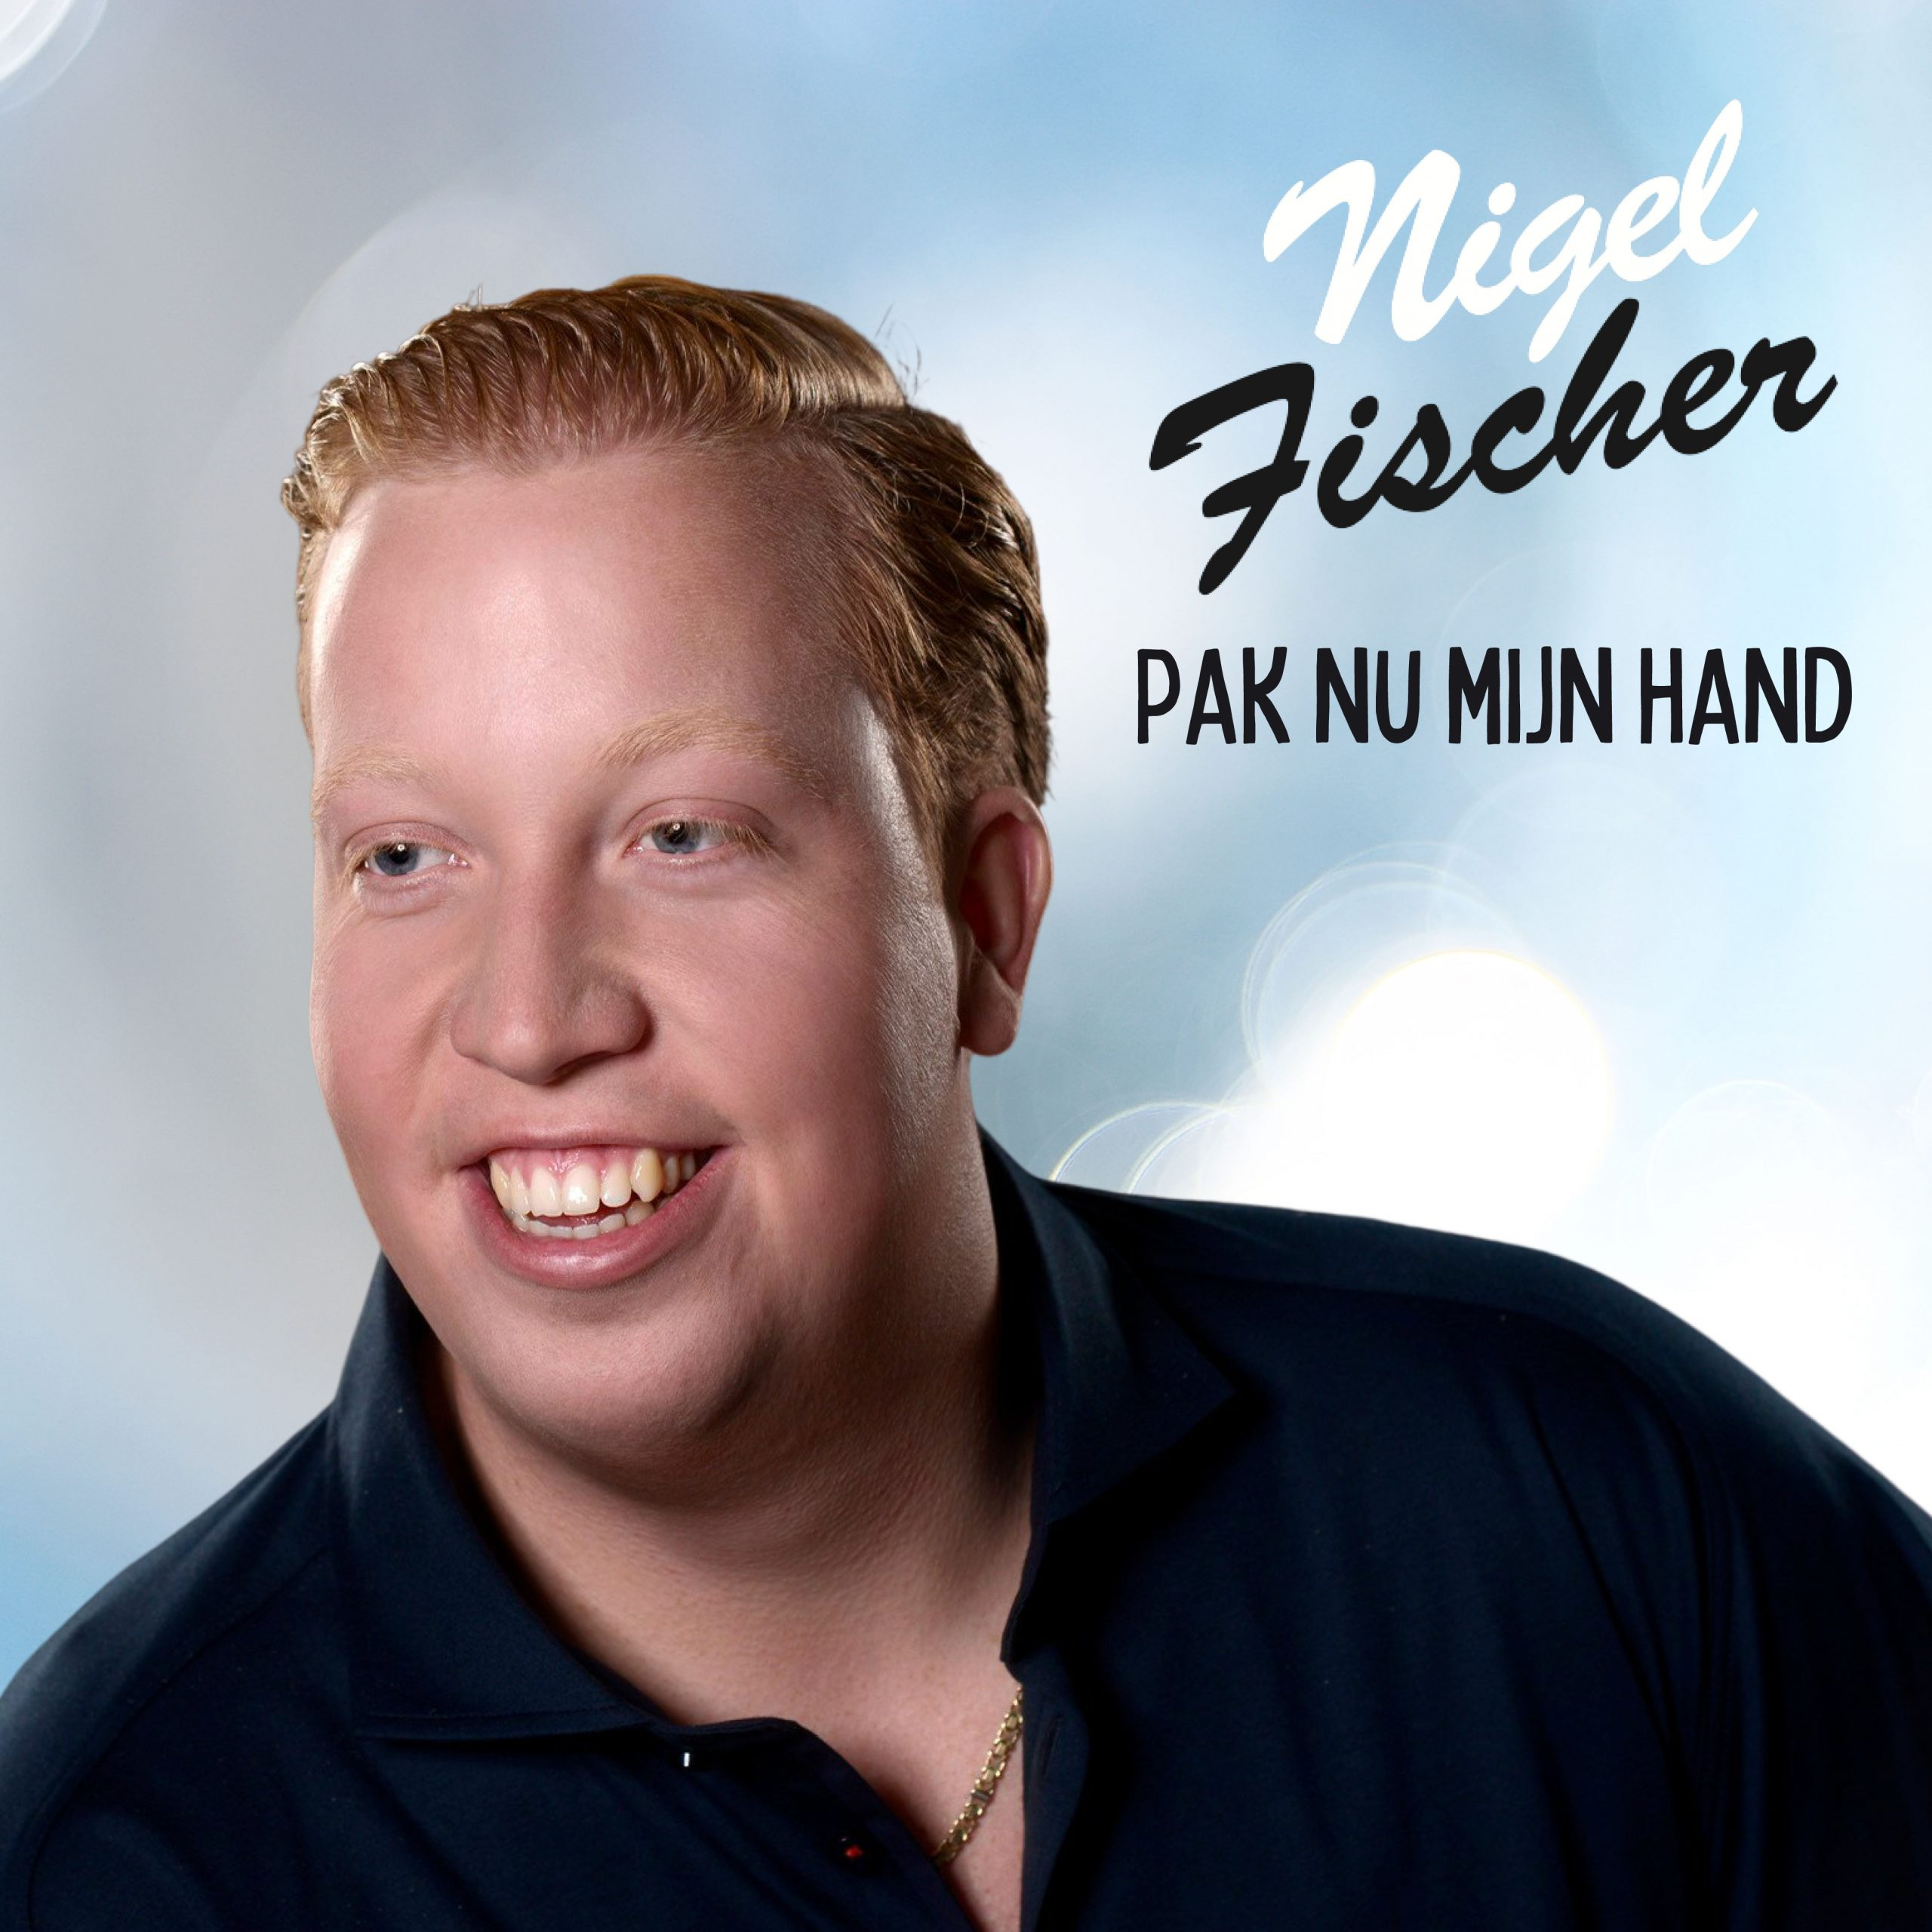 Nigel Fischer - Pak Nu Mn Hand